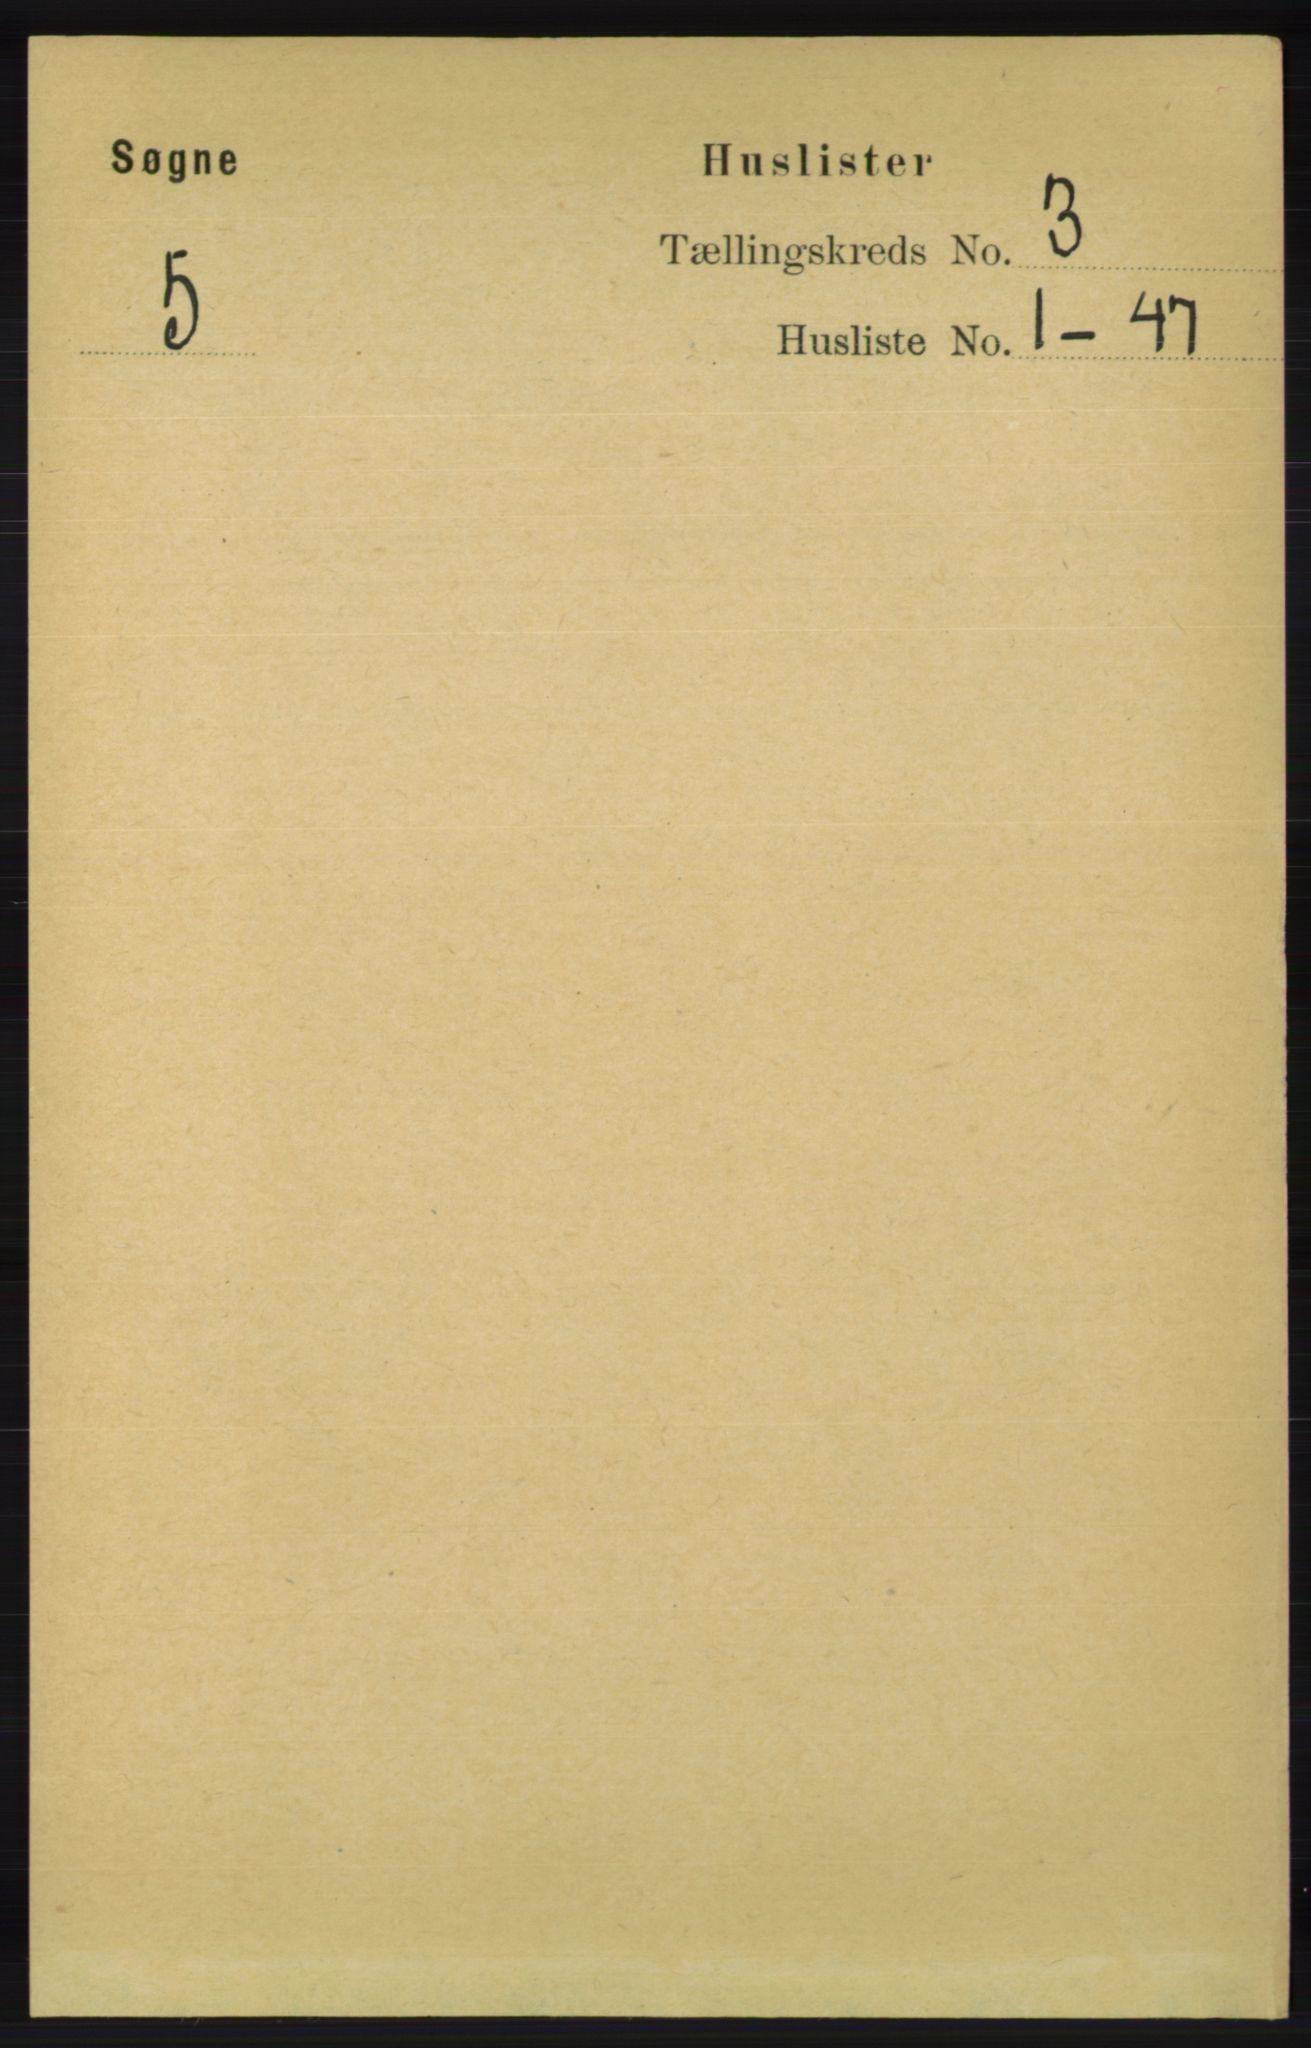 RA, Folketelling 1891 for 1018 Søgne herred, 1891, s. 265